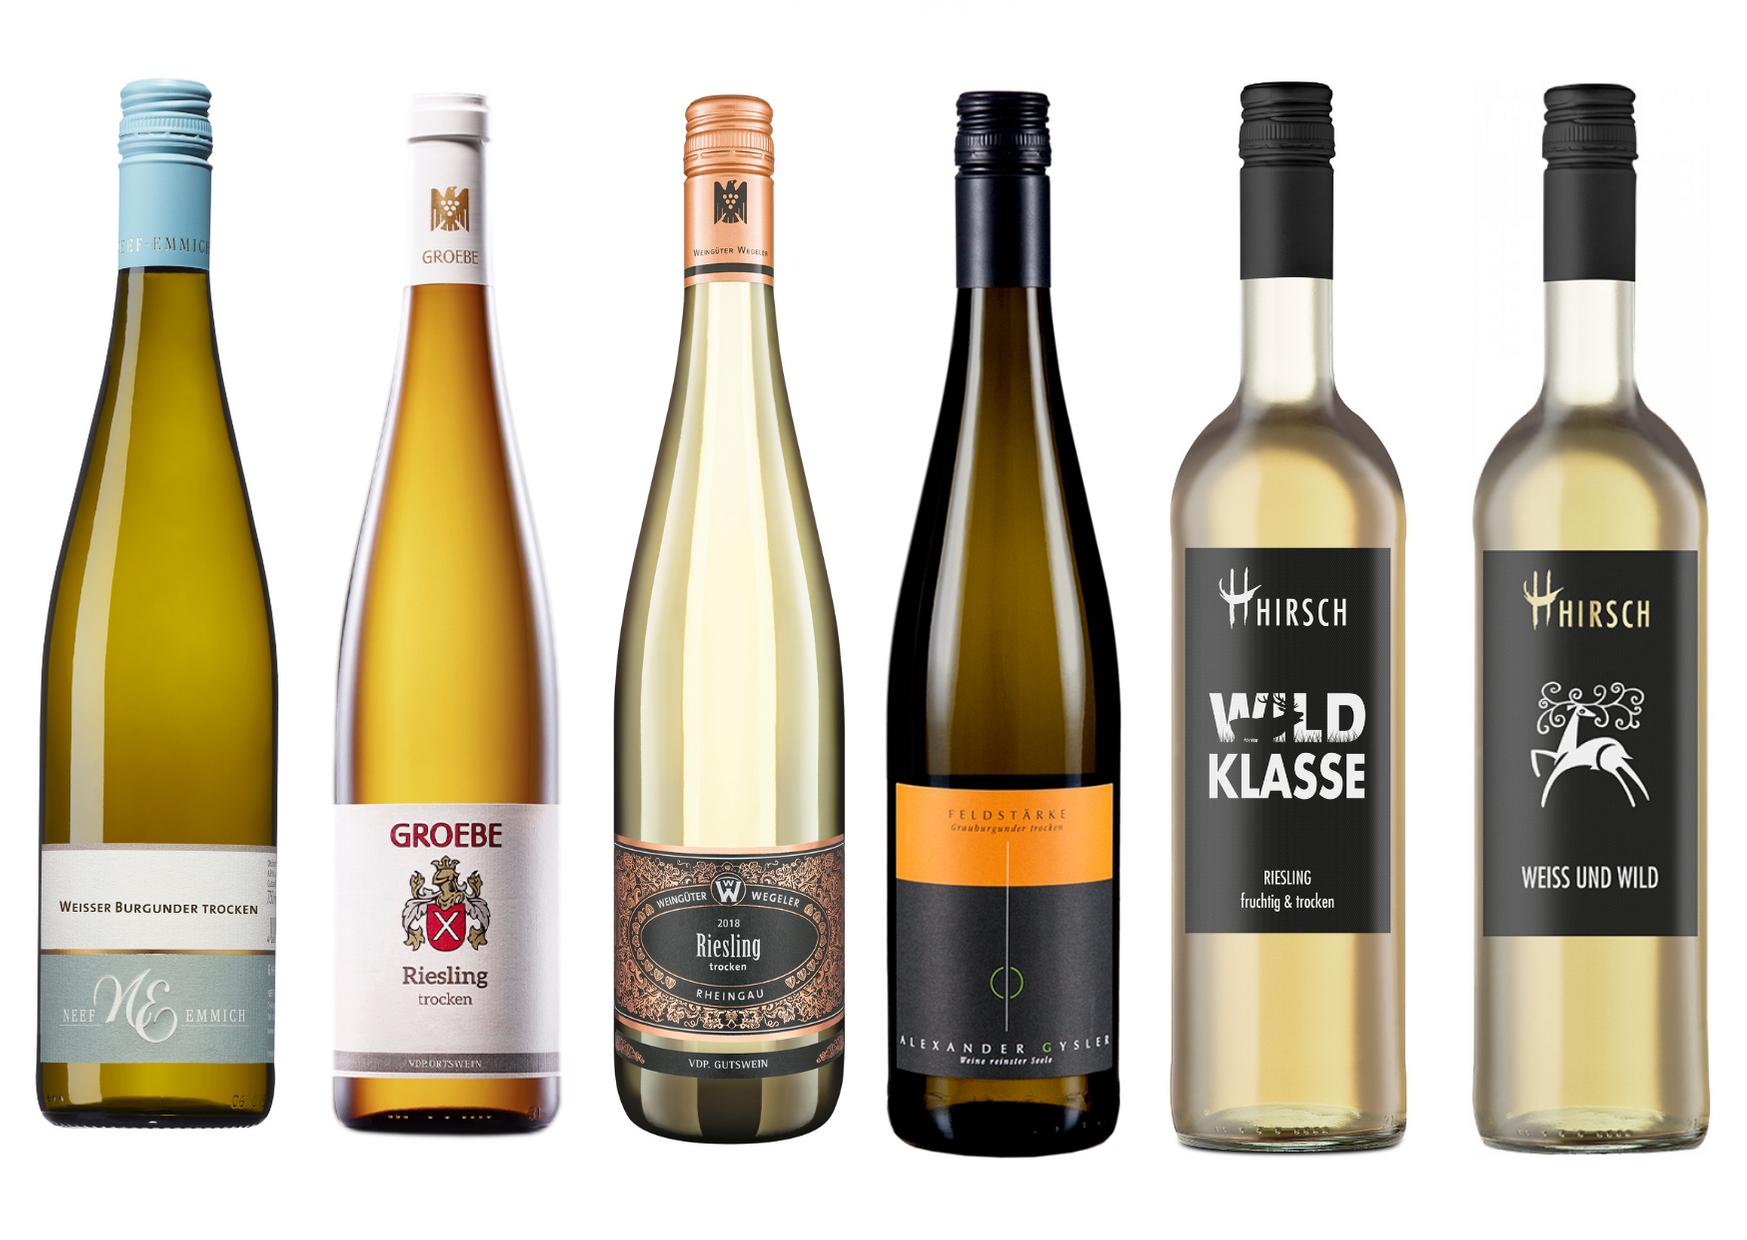 Riesling Probierpaket mit 6 trockenen Weißweinen aus Rheinhessen und Württemberg